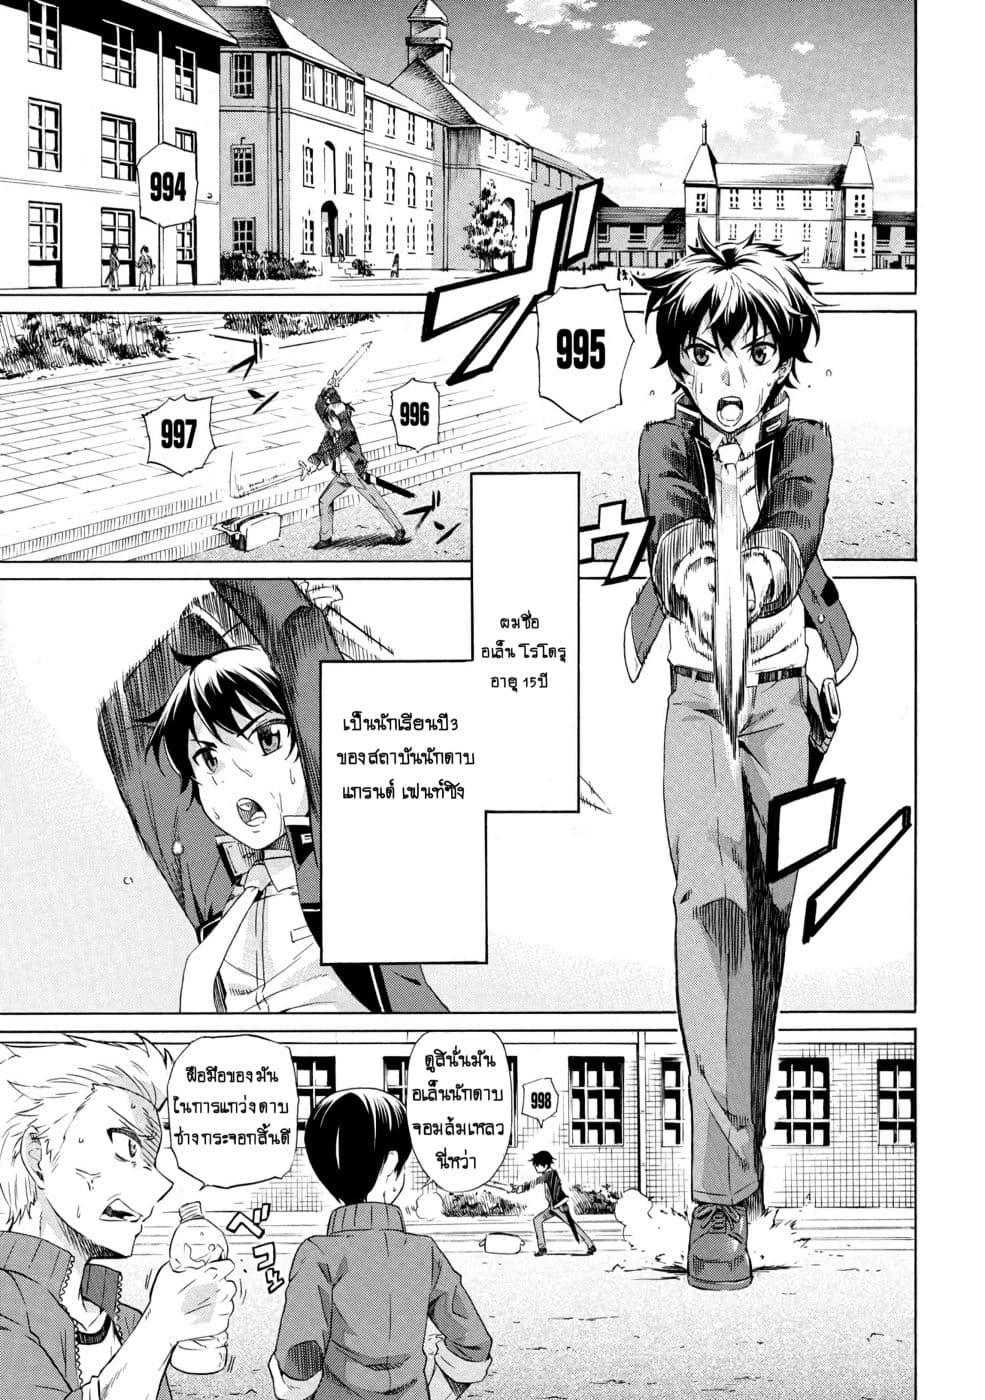 อ่านการ์ตูน Ichioku-nen Button o Renda Shita Ore wa Kizuitara Saikyou ni Natteita ตอนที่ 1.1 หน้าที่ 4